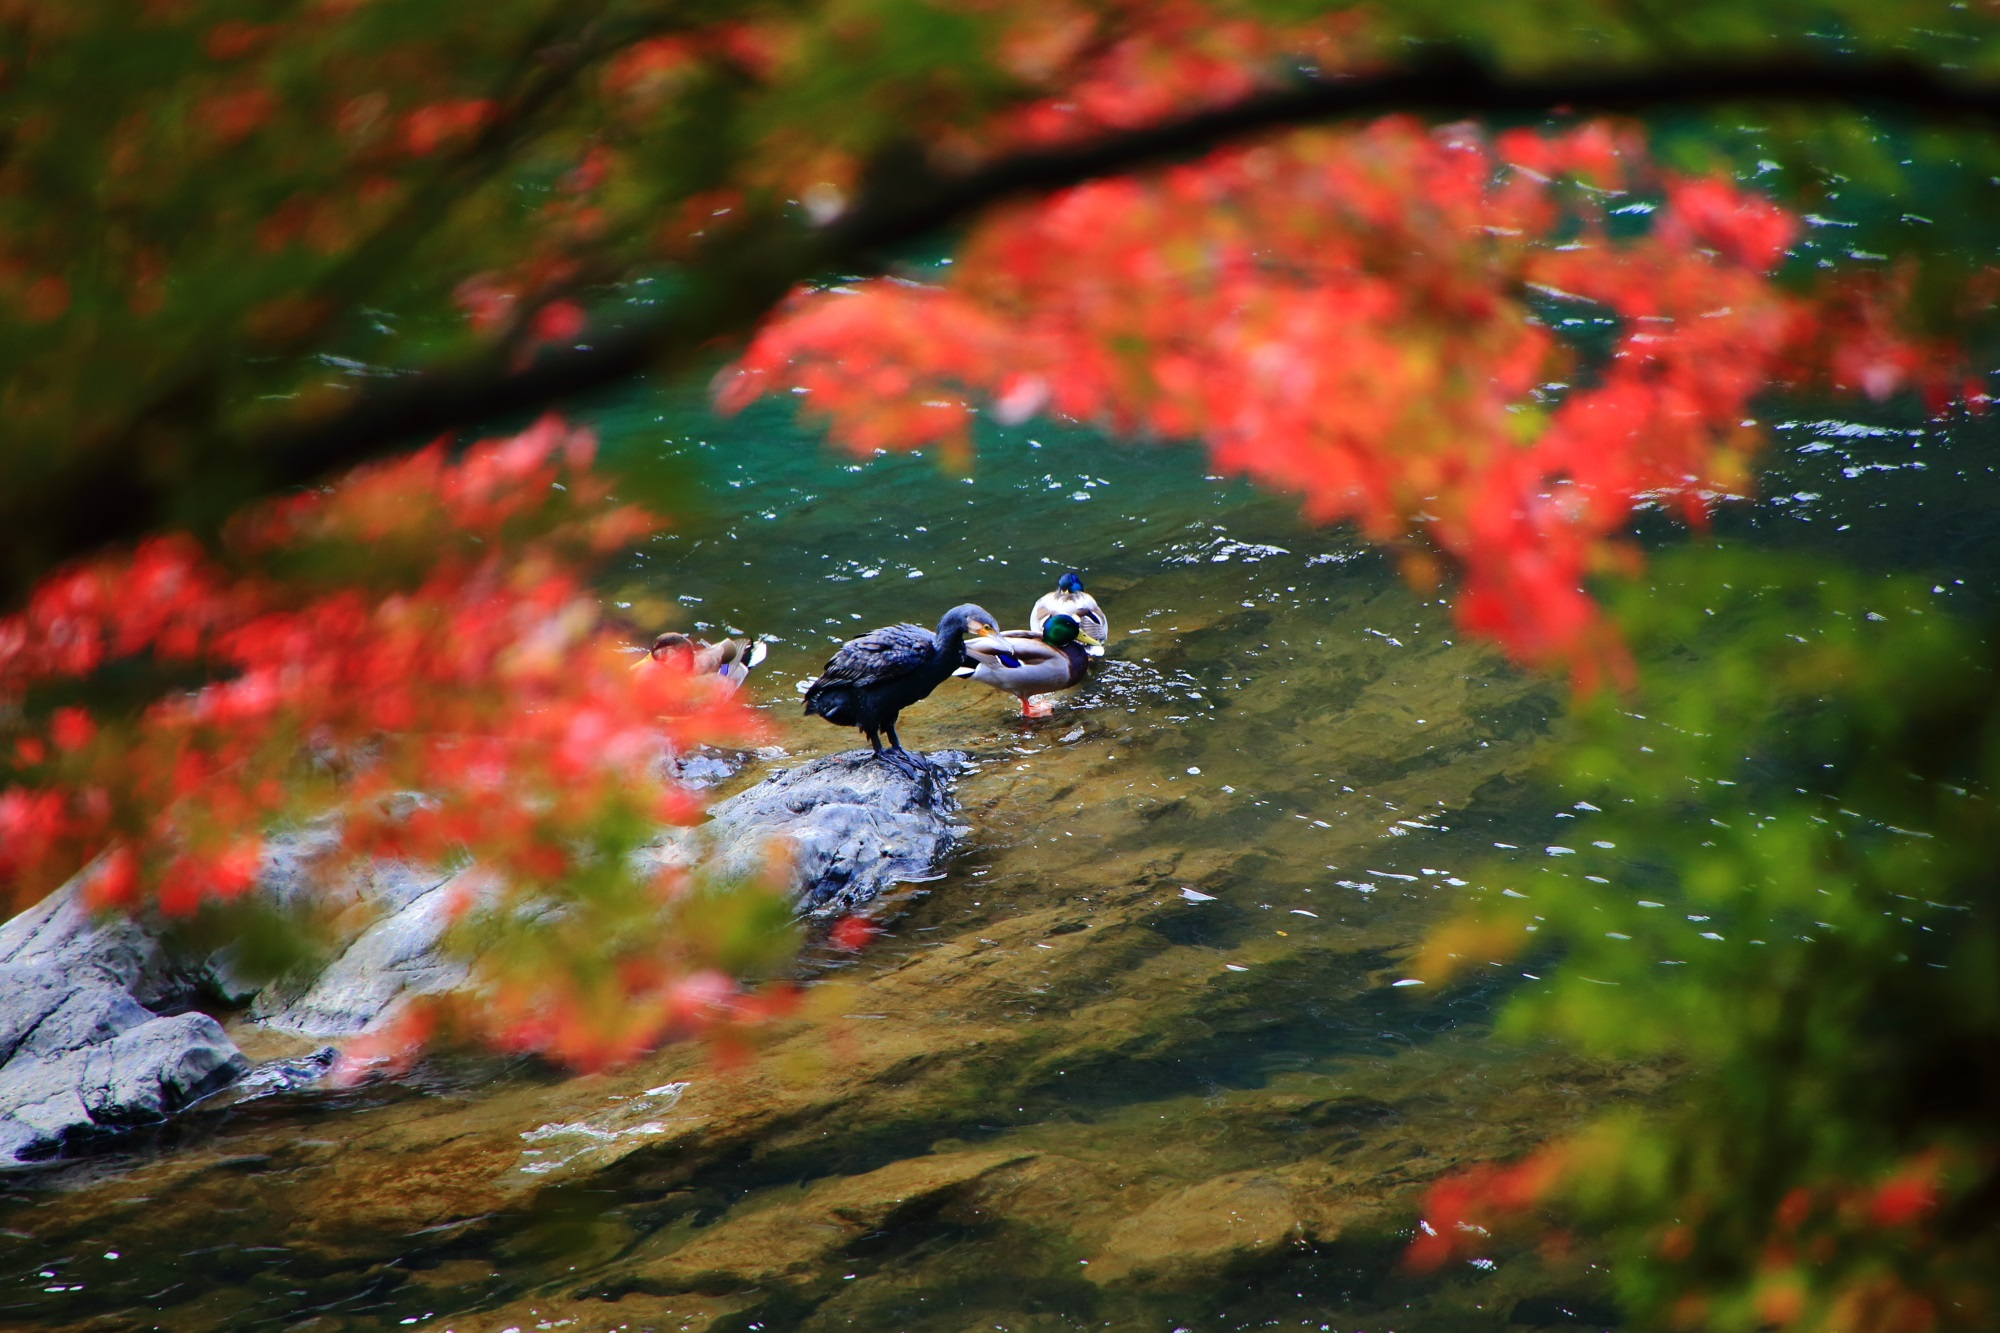 長閑な宇治川の鮮やかな紅葉と鴨